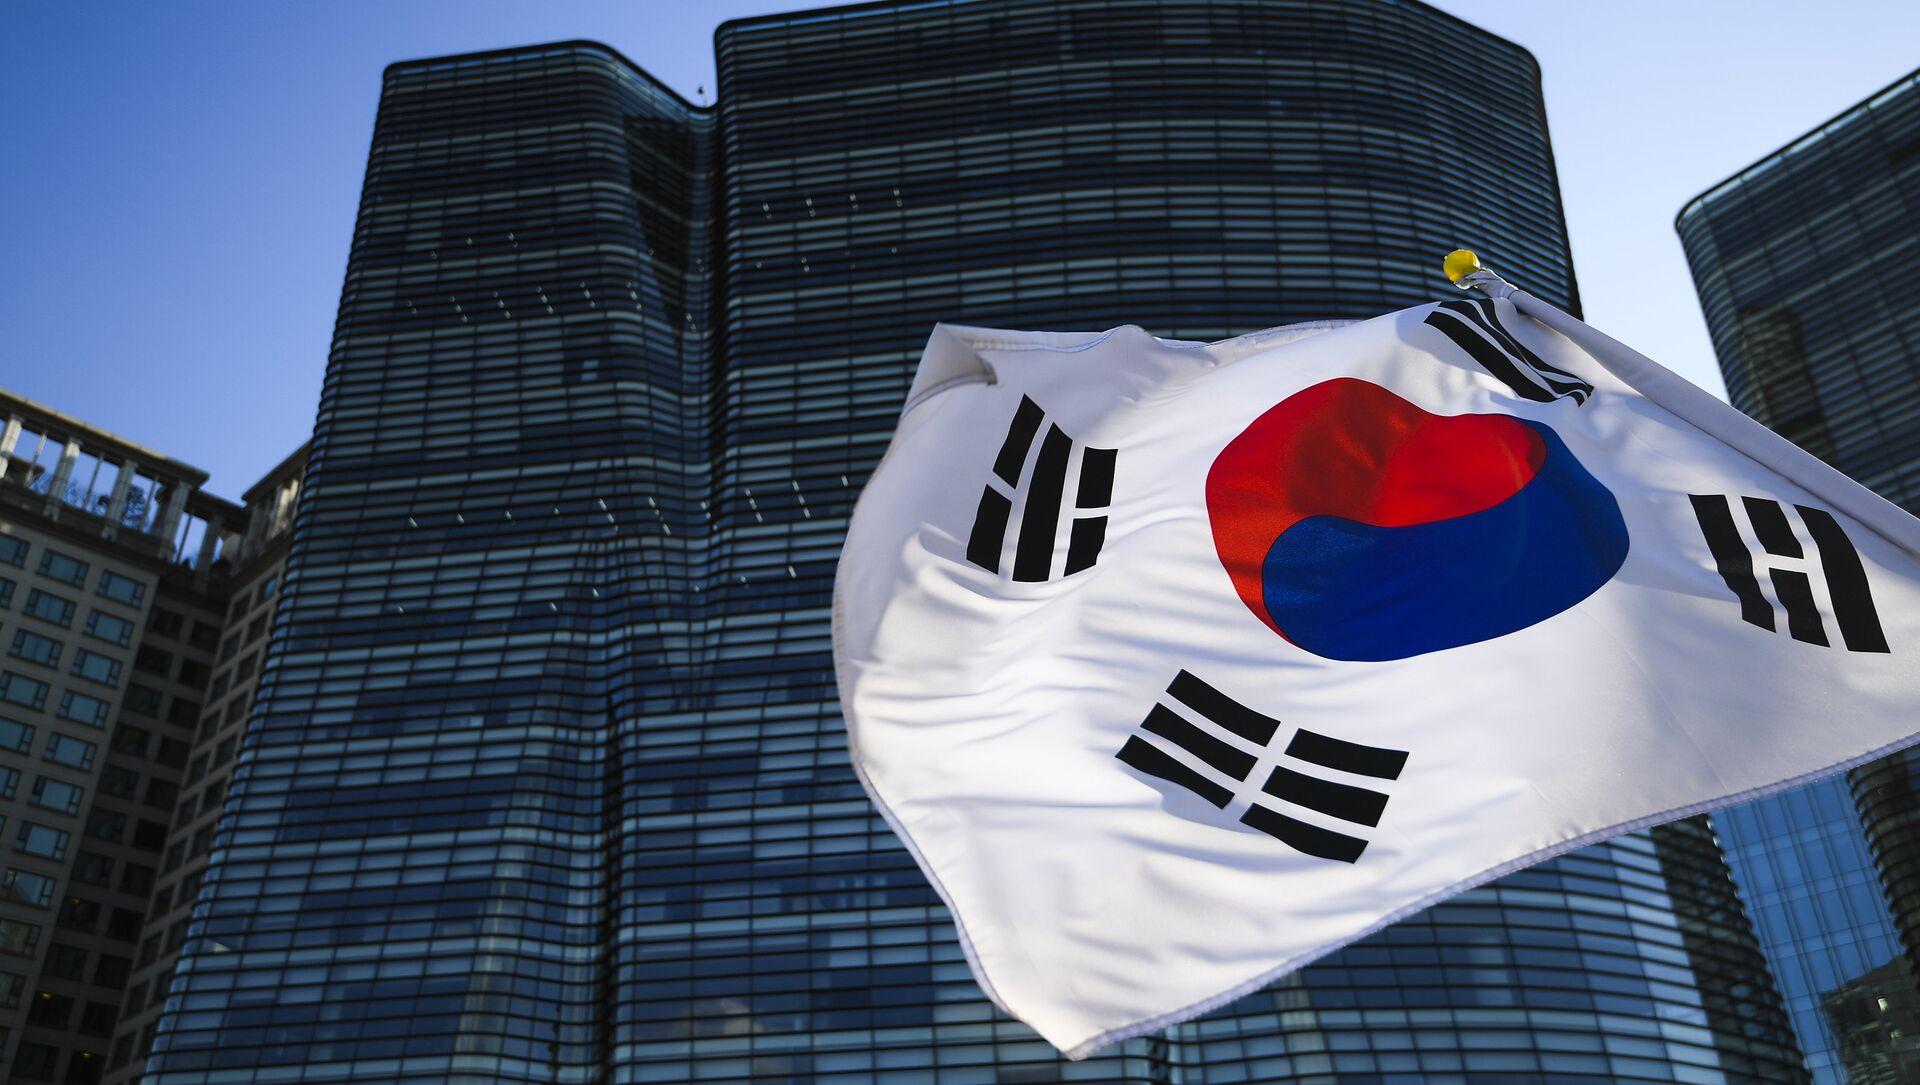 La bandiera della Corea del Sud - Sputnik Italia, 1920, 11.04.2021